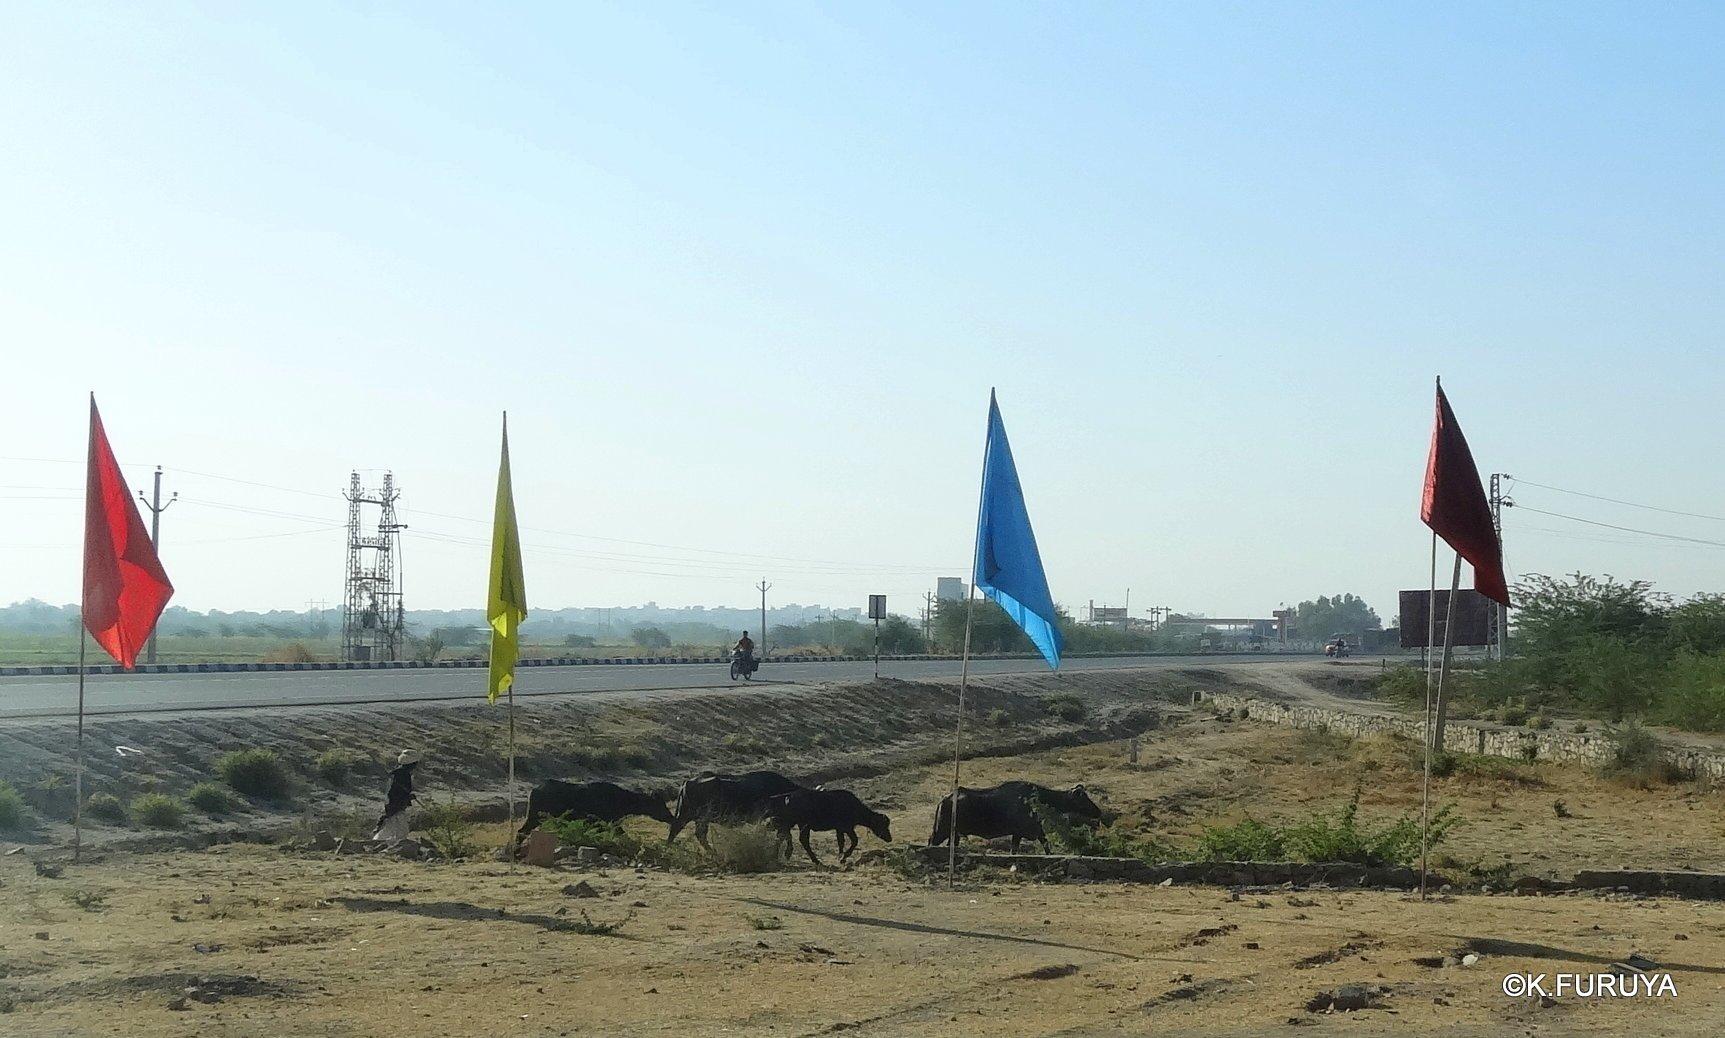 インド・ラジャスタンの旅 12 インド版「万里の長城」クンバルガル砦_a0092659_23070277.jpg